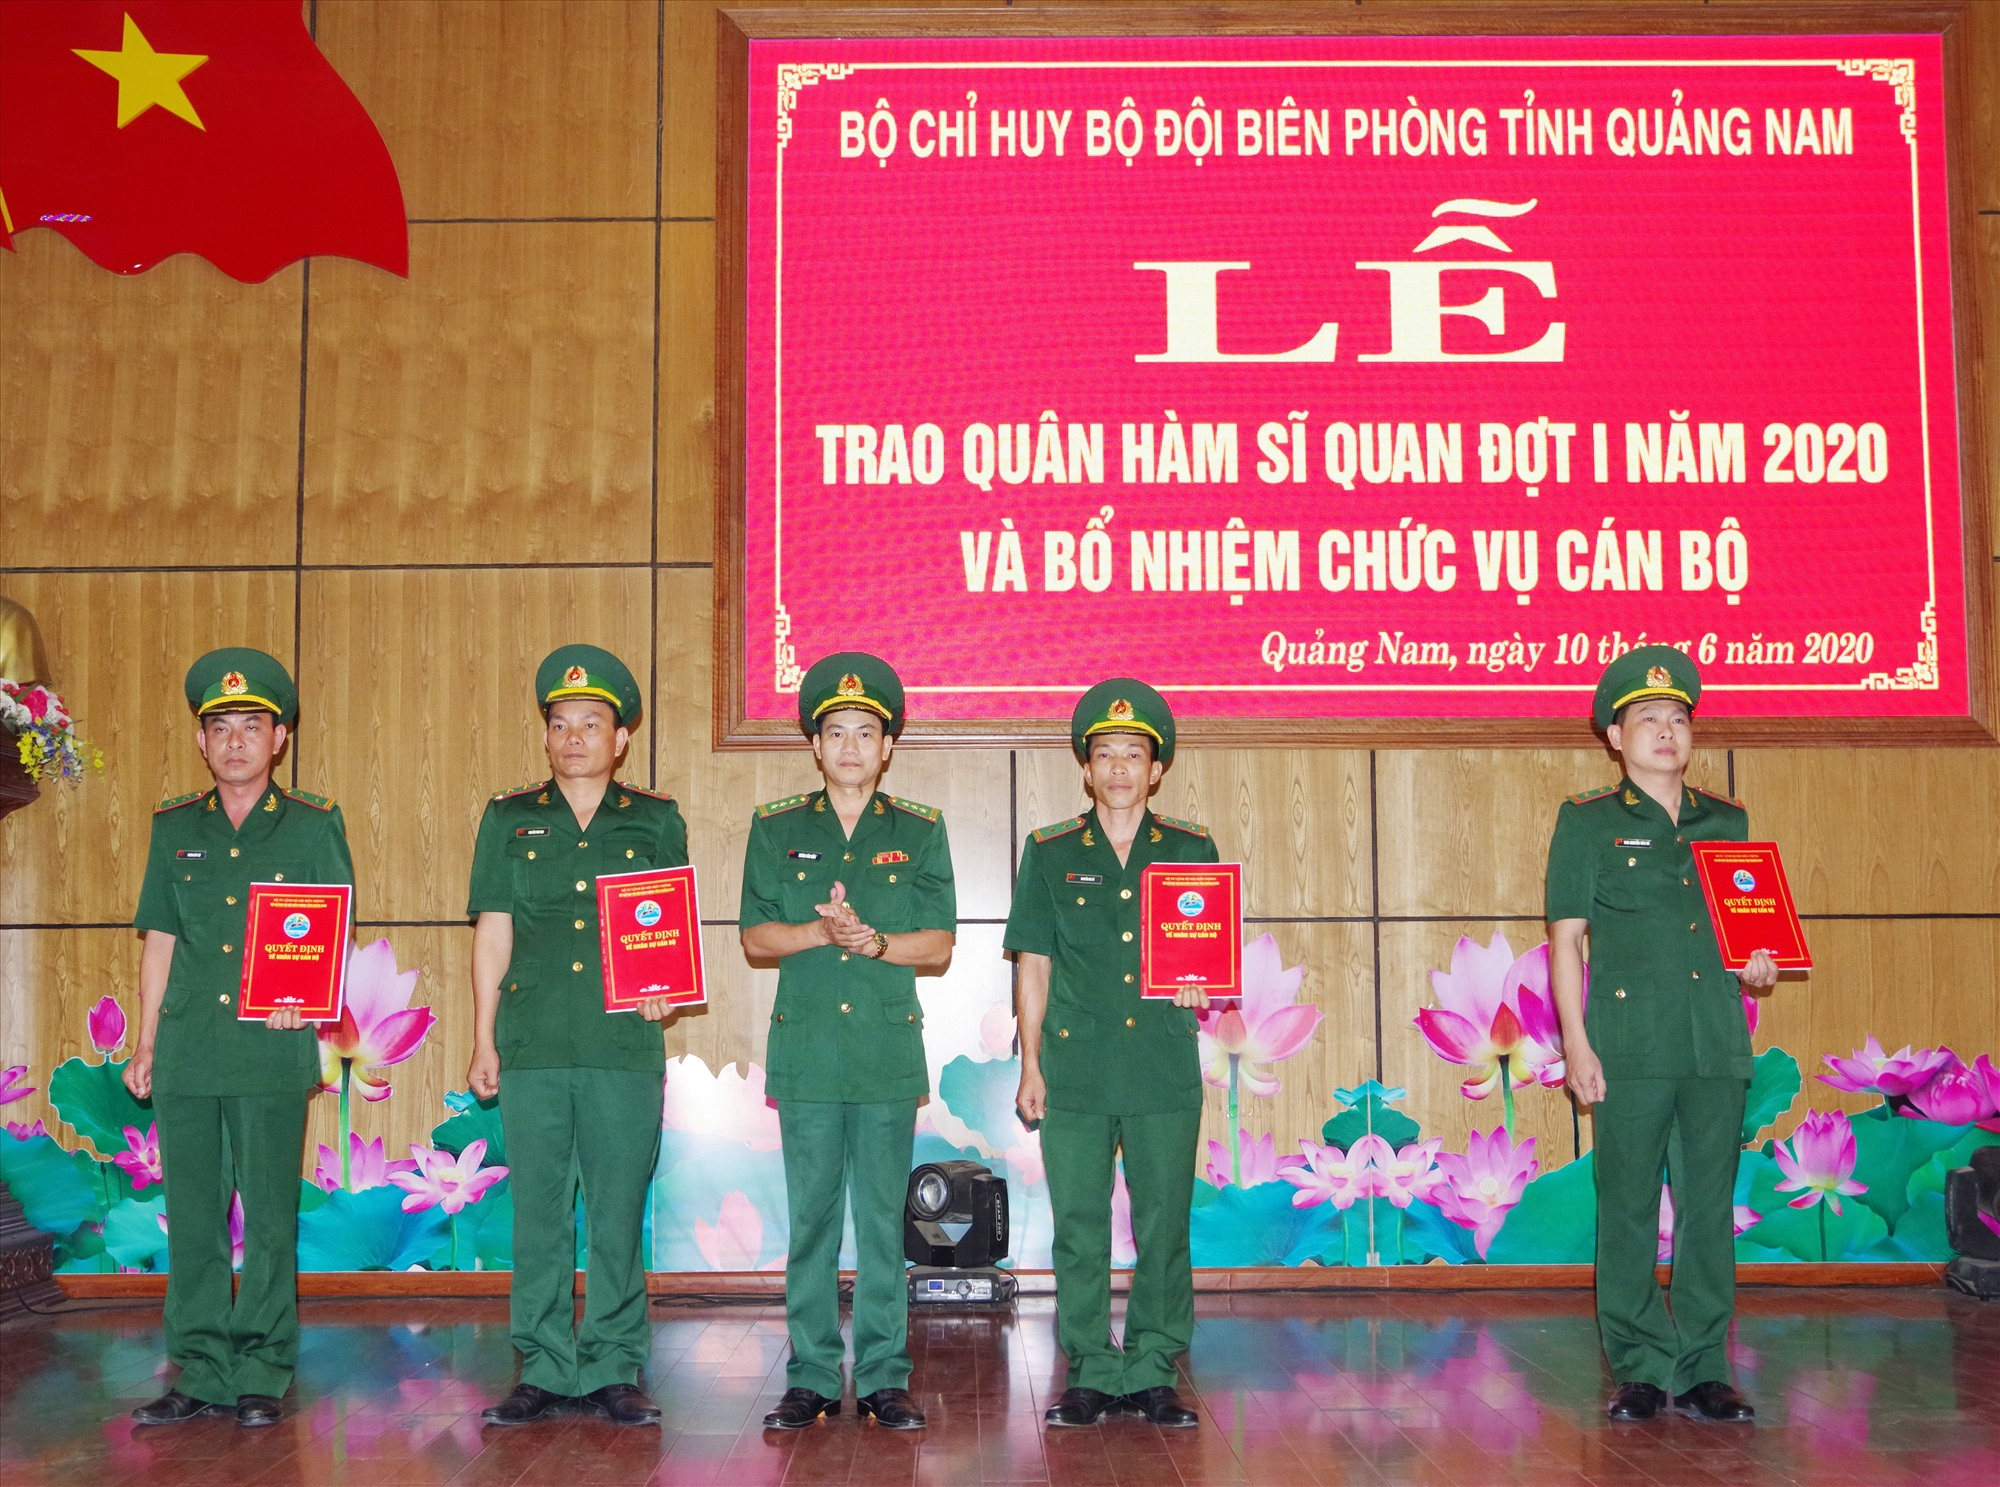 Thượng tá Hoàng Văn Mẫn, Chính ủy BĐBP tỉnh trao quyết định cho cán bộ sĩ quan cấp trung tá. Ảnh: HỒNG ANH